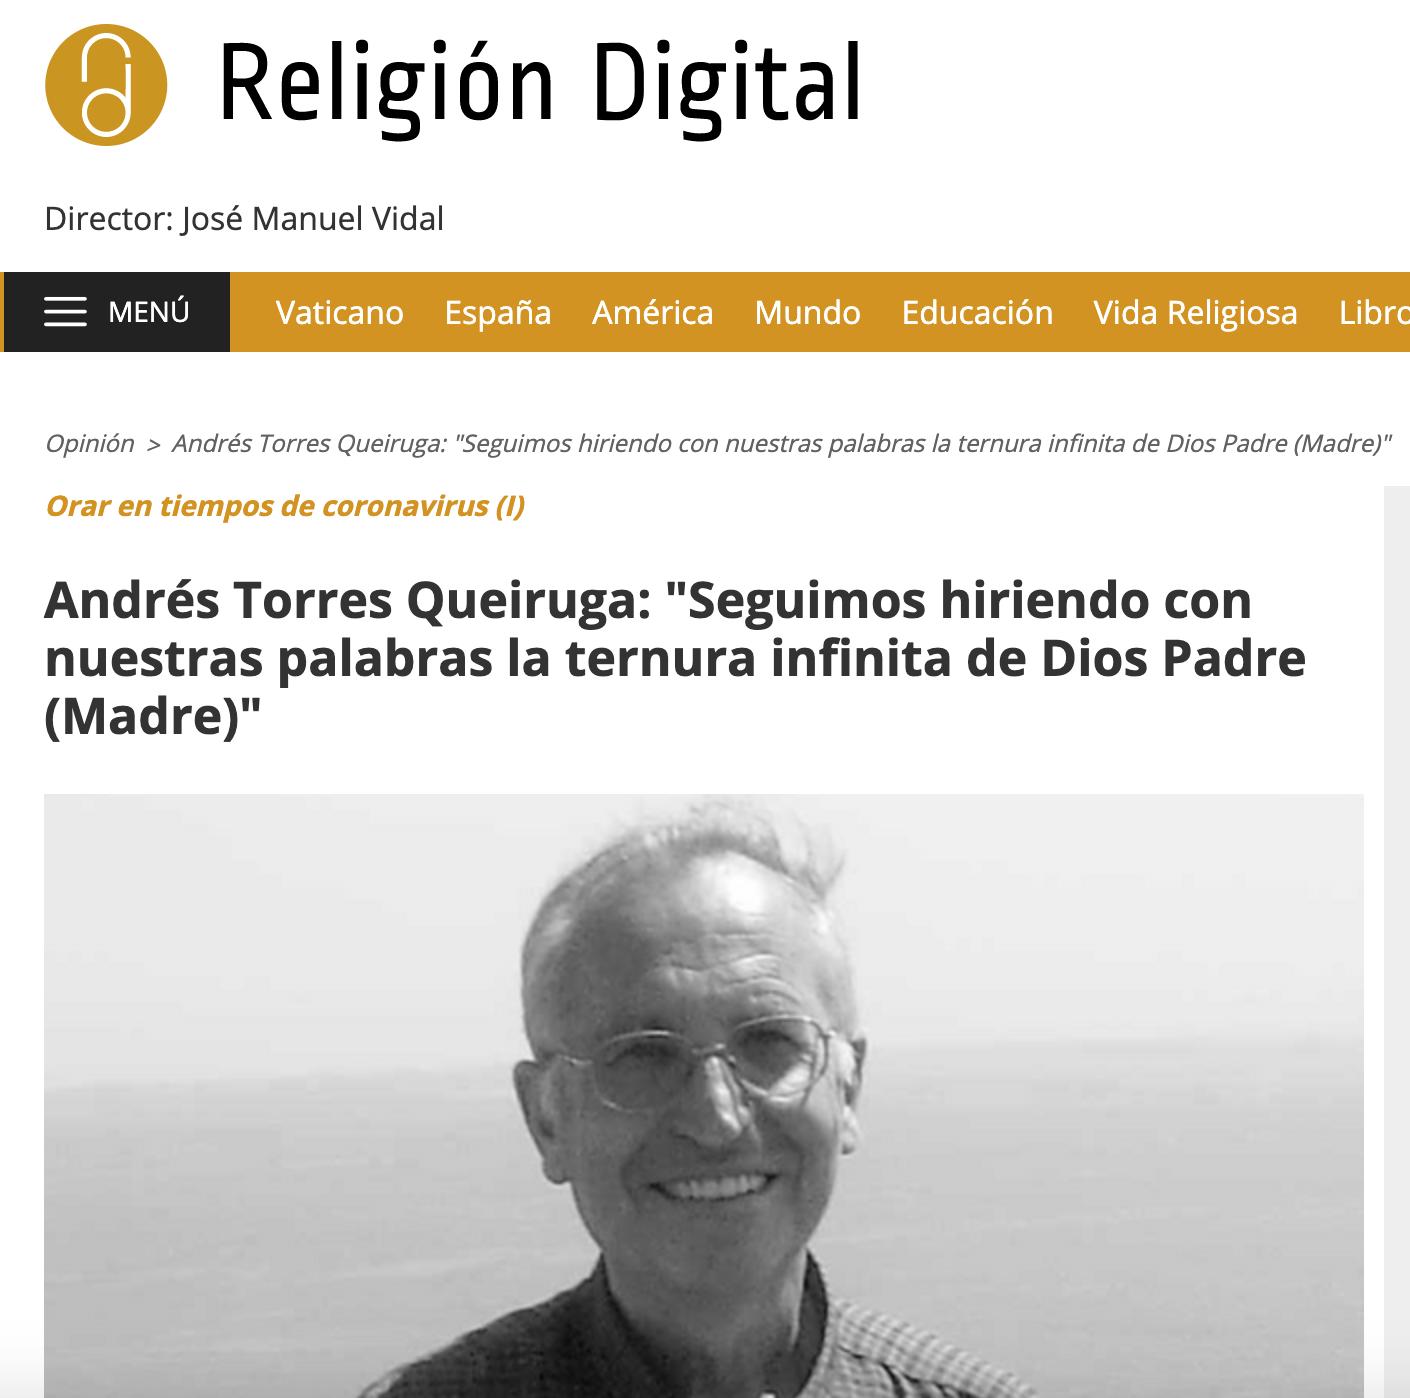 """Andrés Torres Queiruga: """"Seguimos hiriendo con nuestras palabras la ternura infinita de Dios Padre (Madre)"""""""